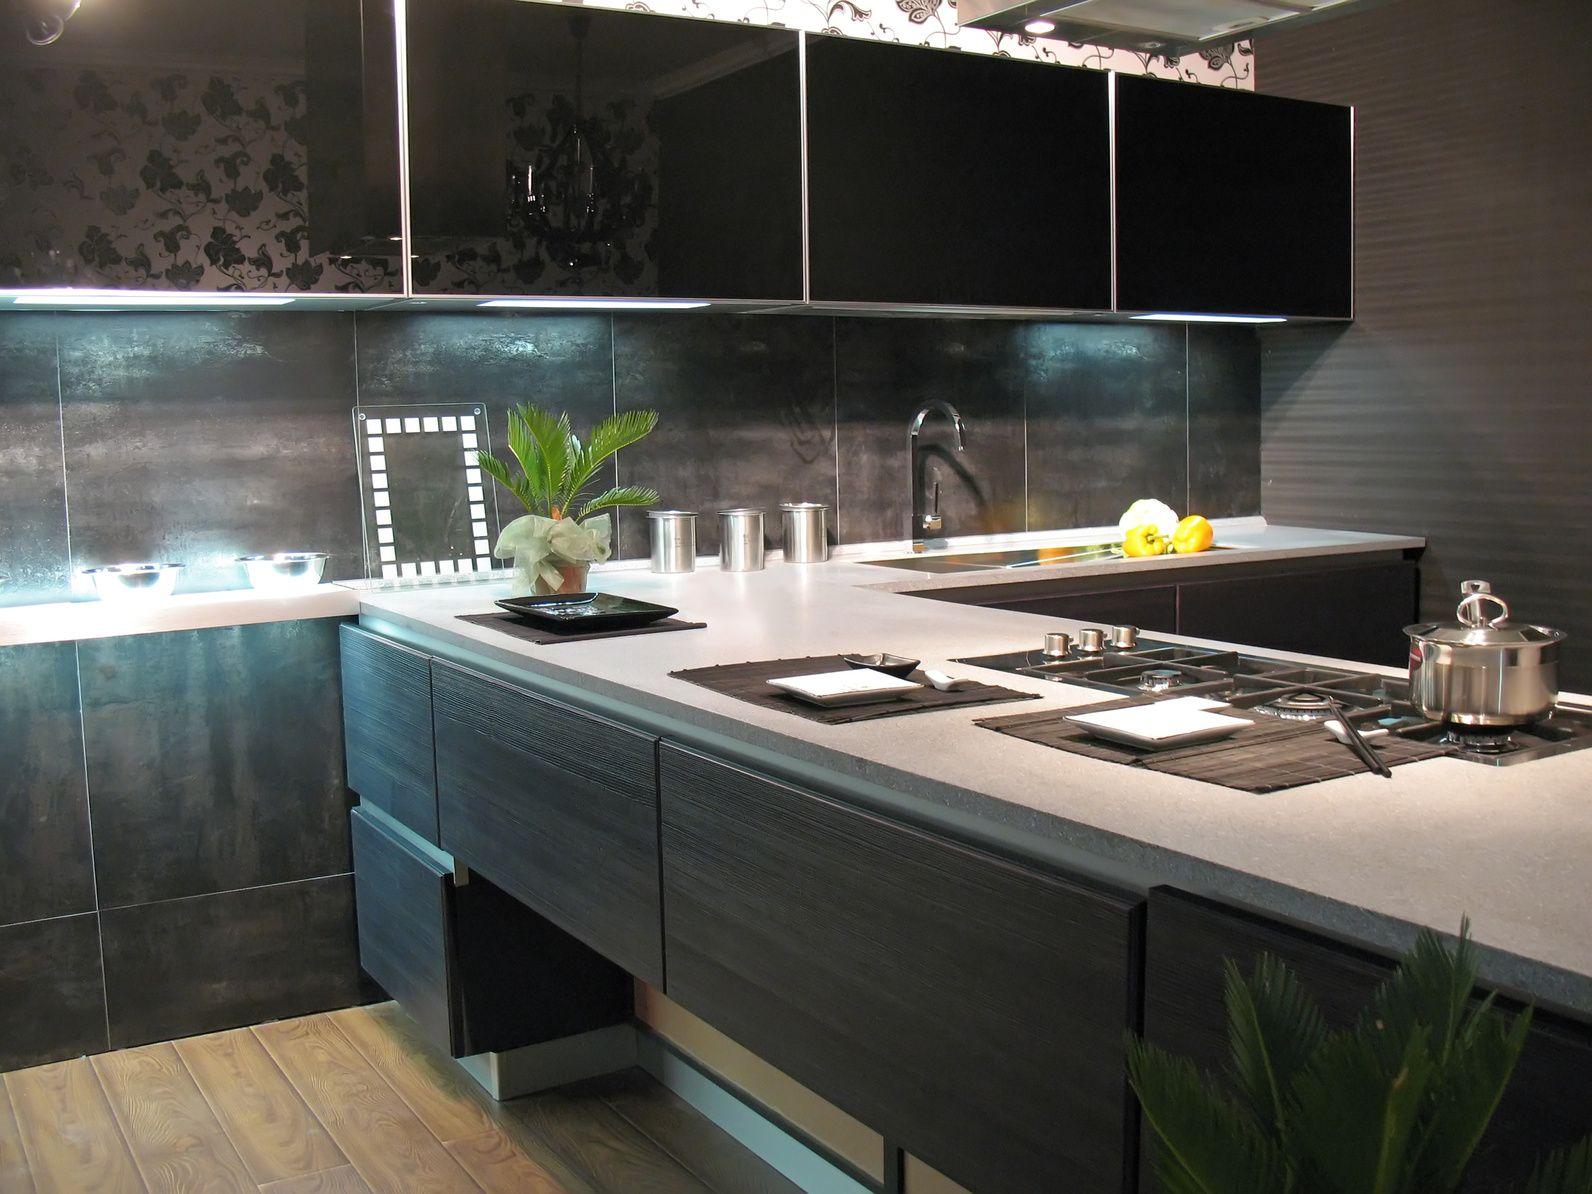 Dunkle Küche mit Fronten in Holzoptik | Holzküchen | Pinterest ...